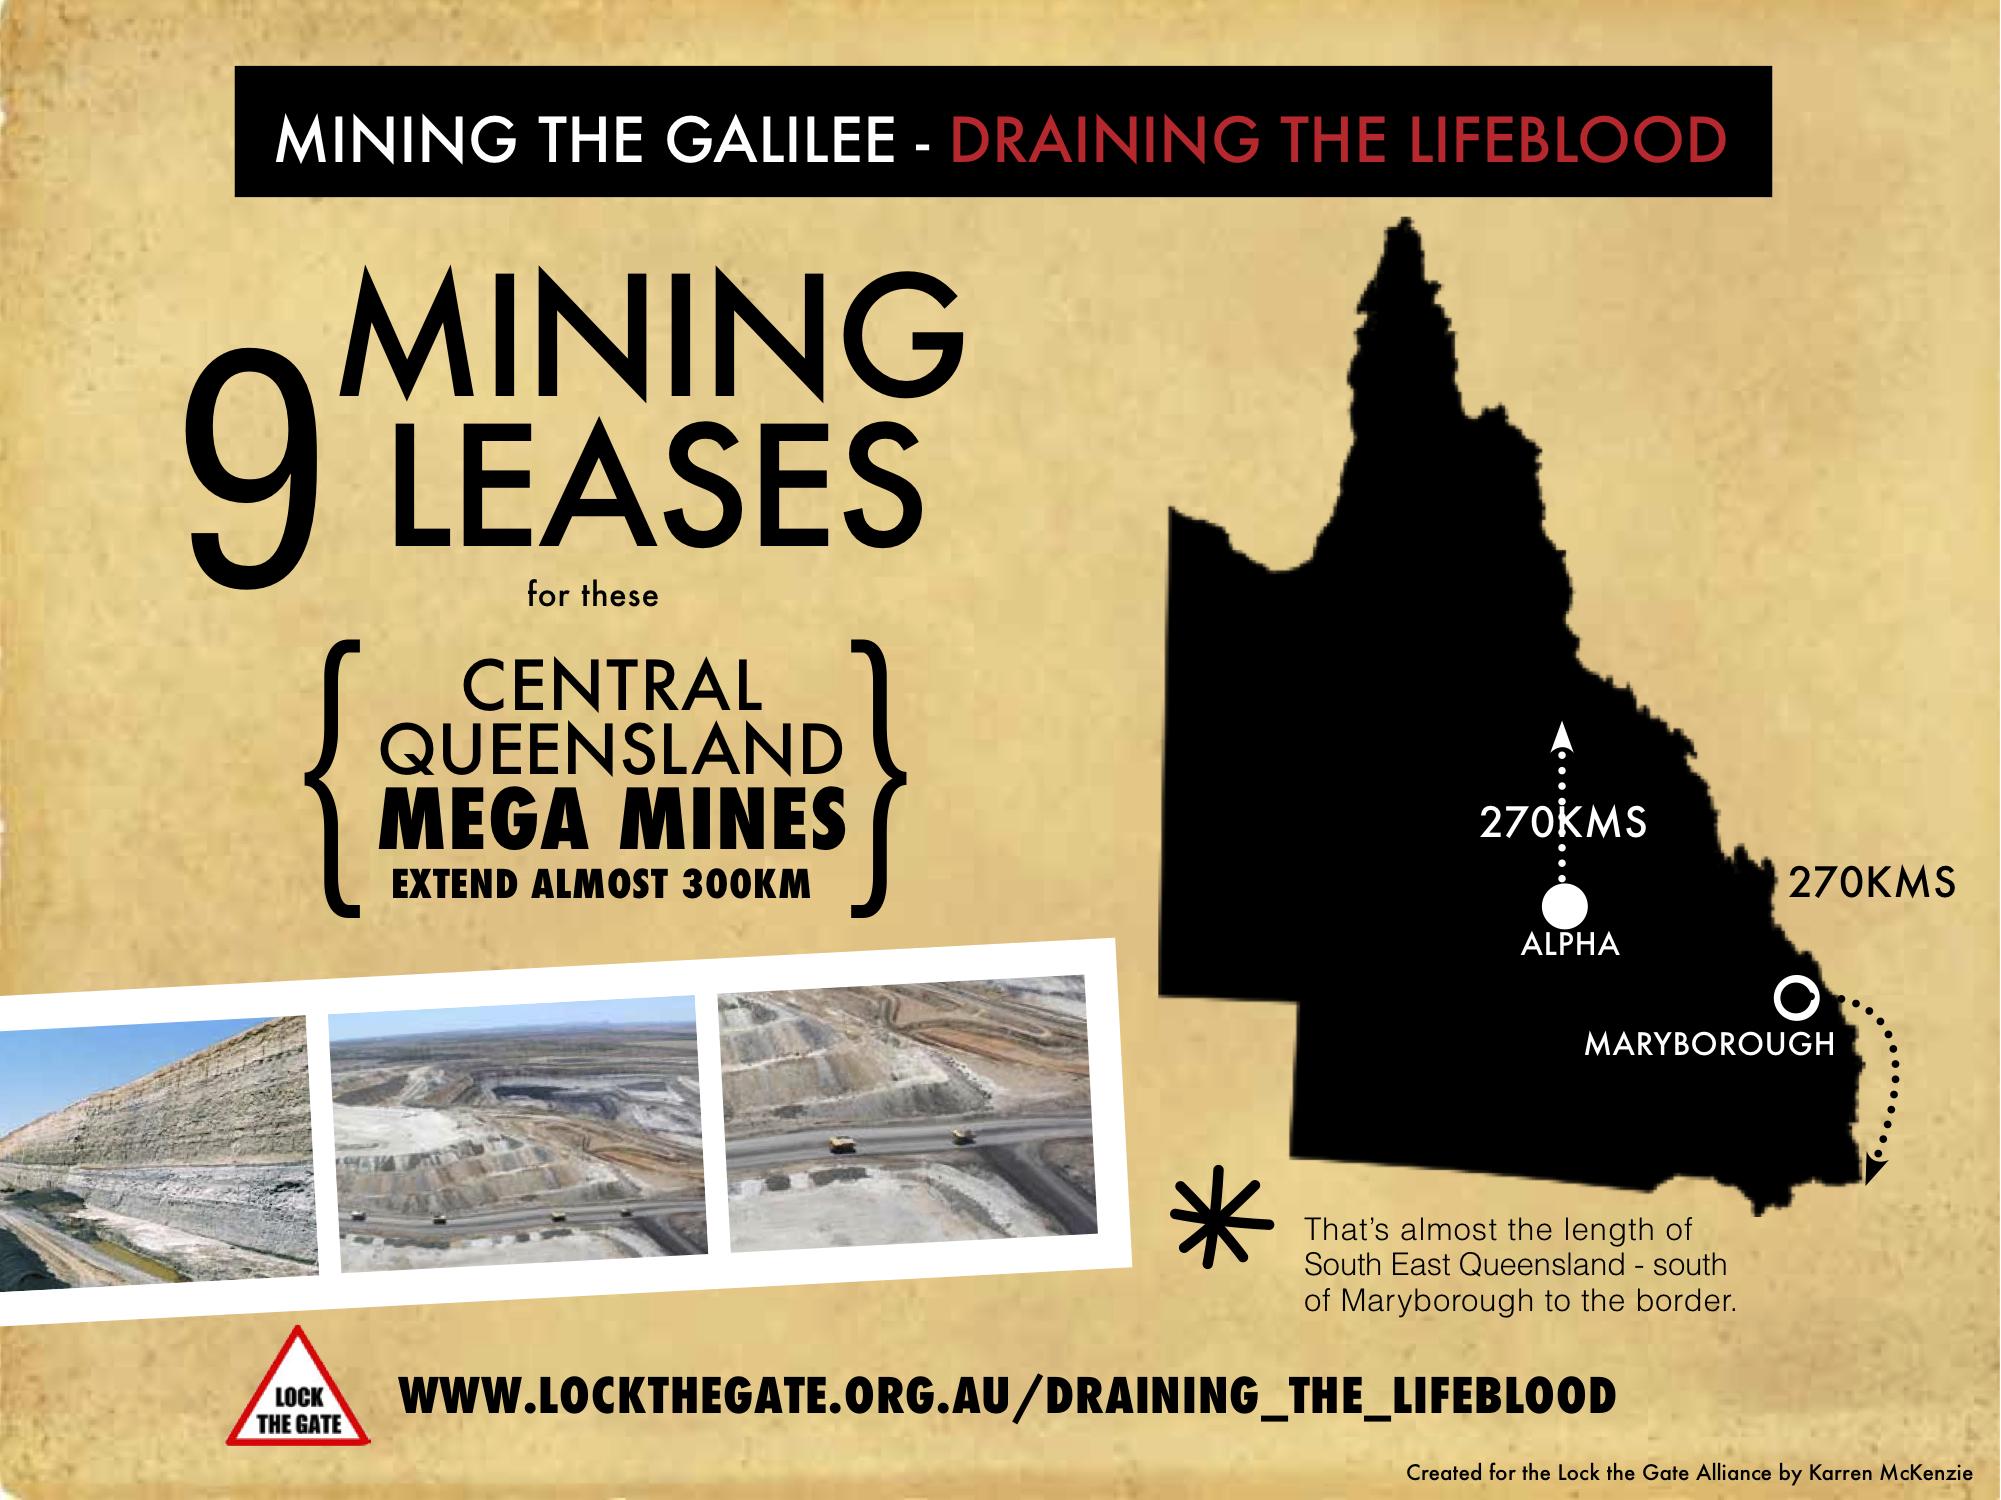 9_mining_leases_info1.jpg